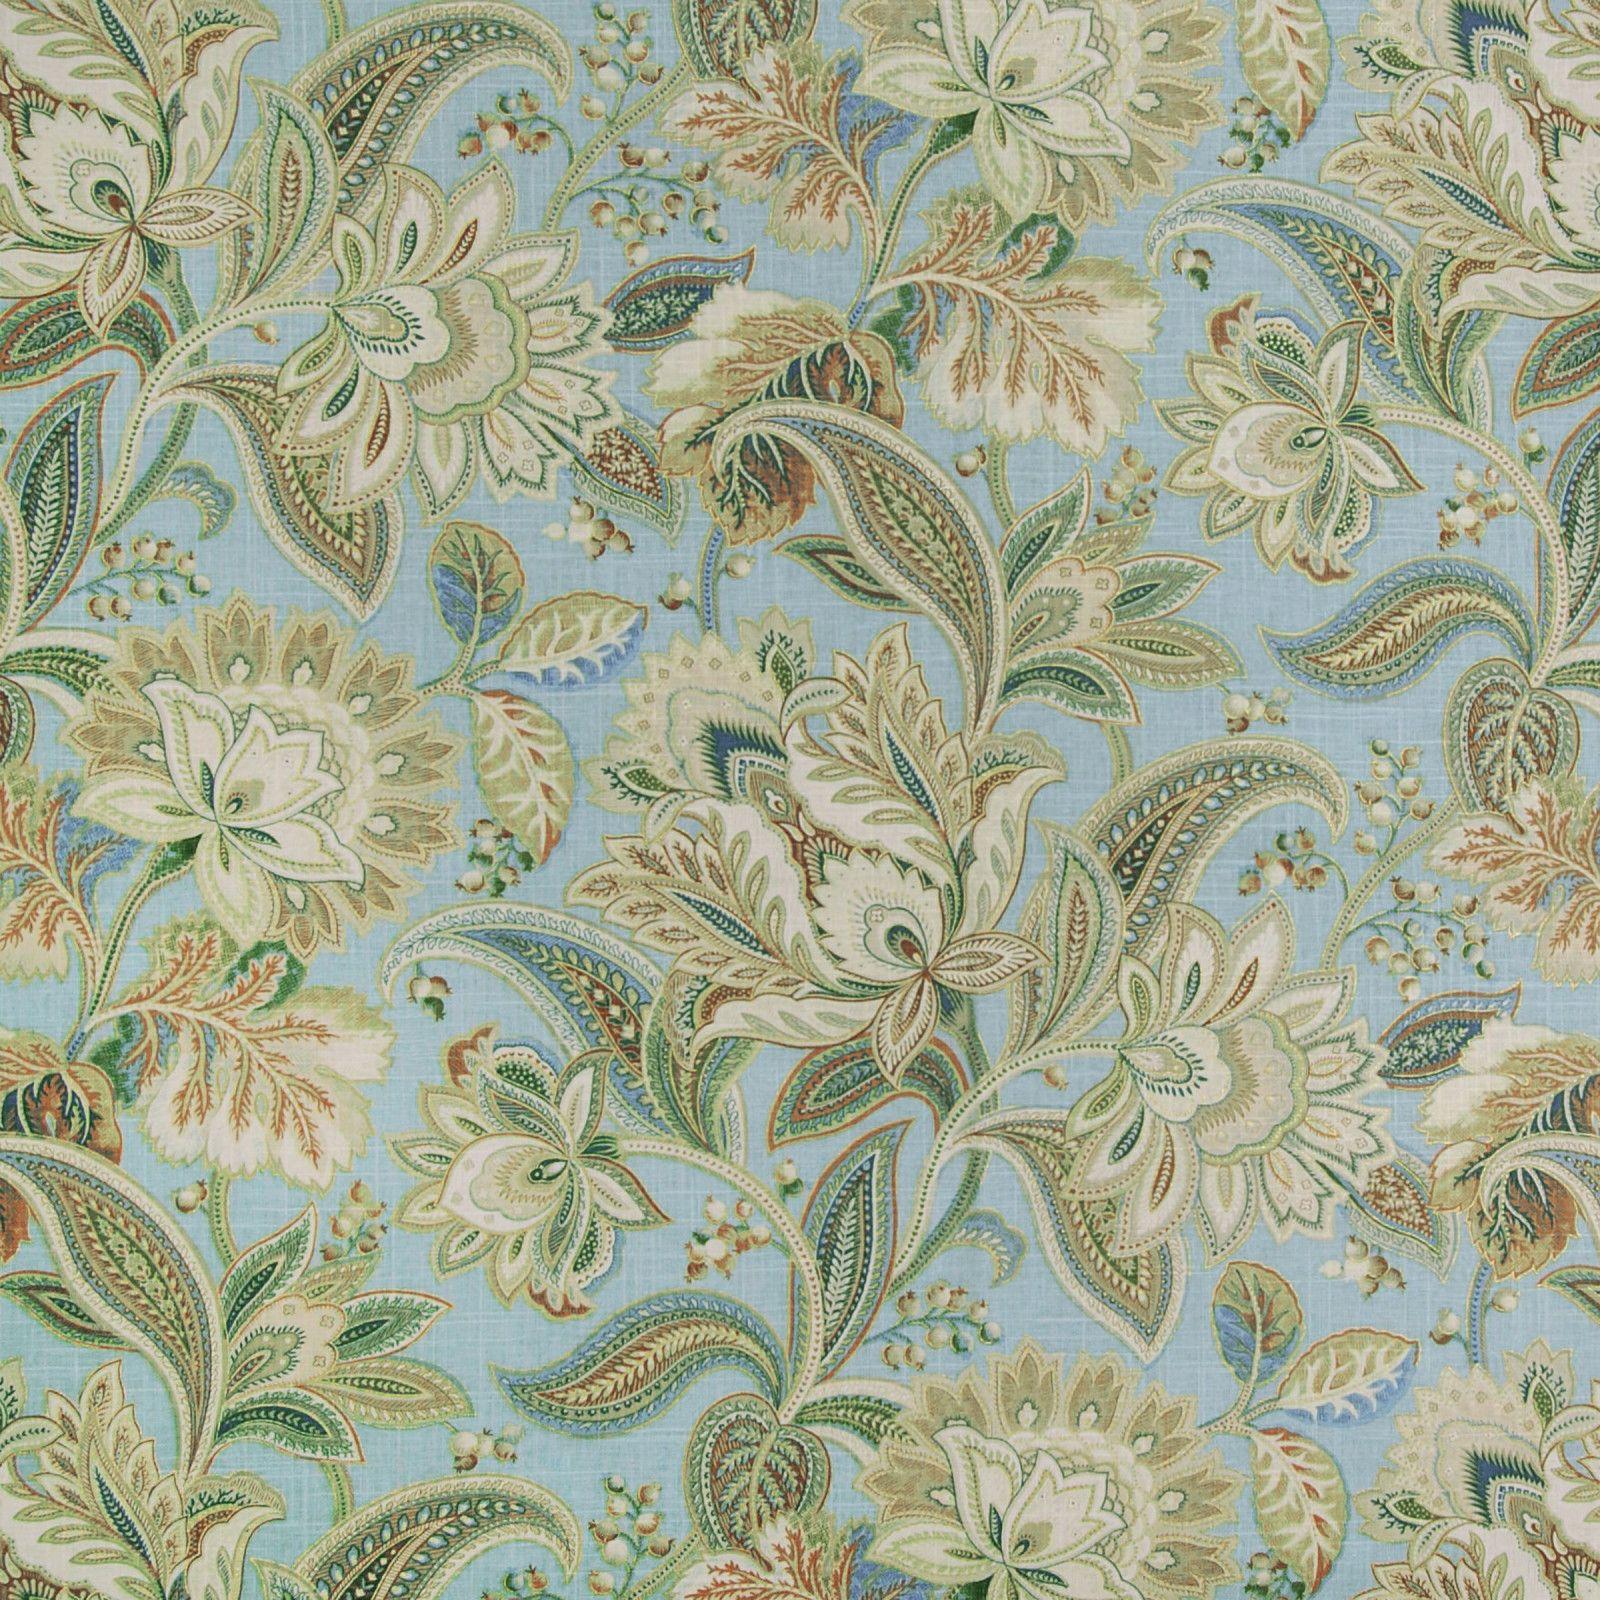 A9839 Celestial Fabric decor, Home decor fabric, Home decor